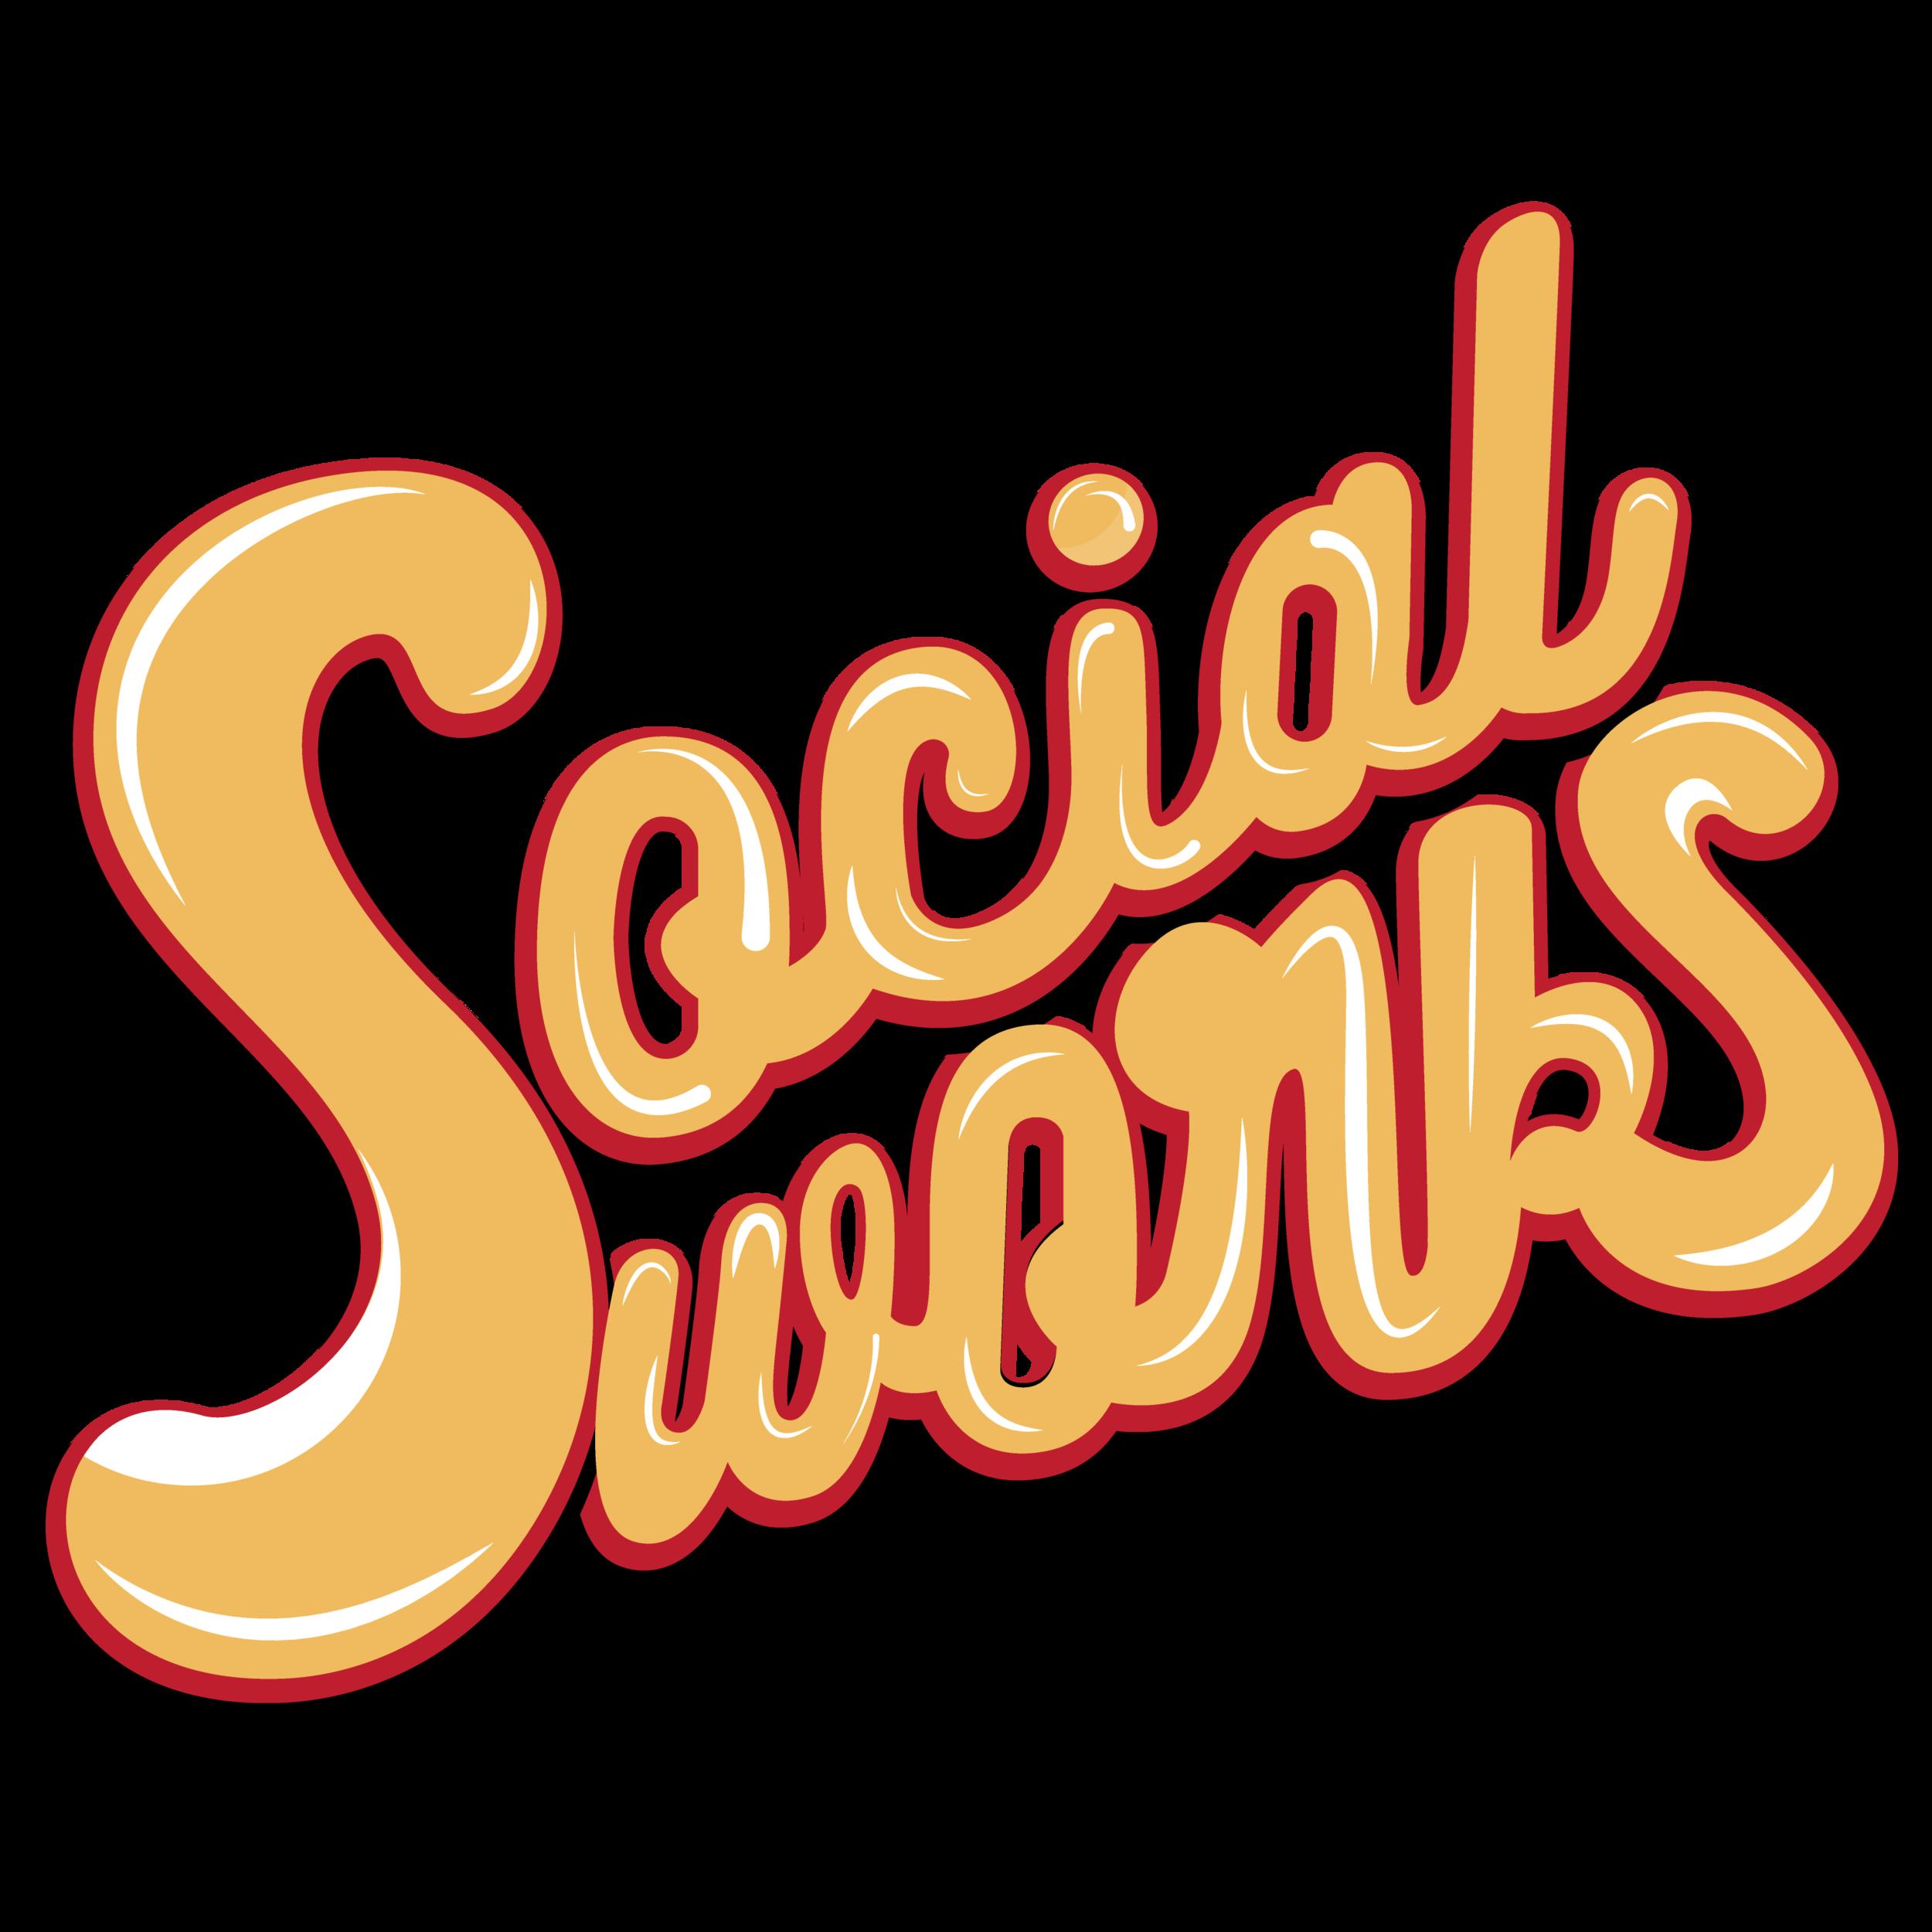 Font-Social-Works-V2 (1).png